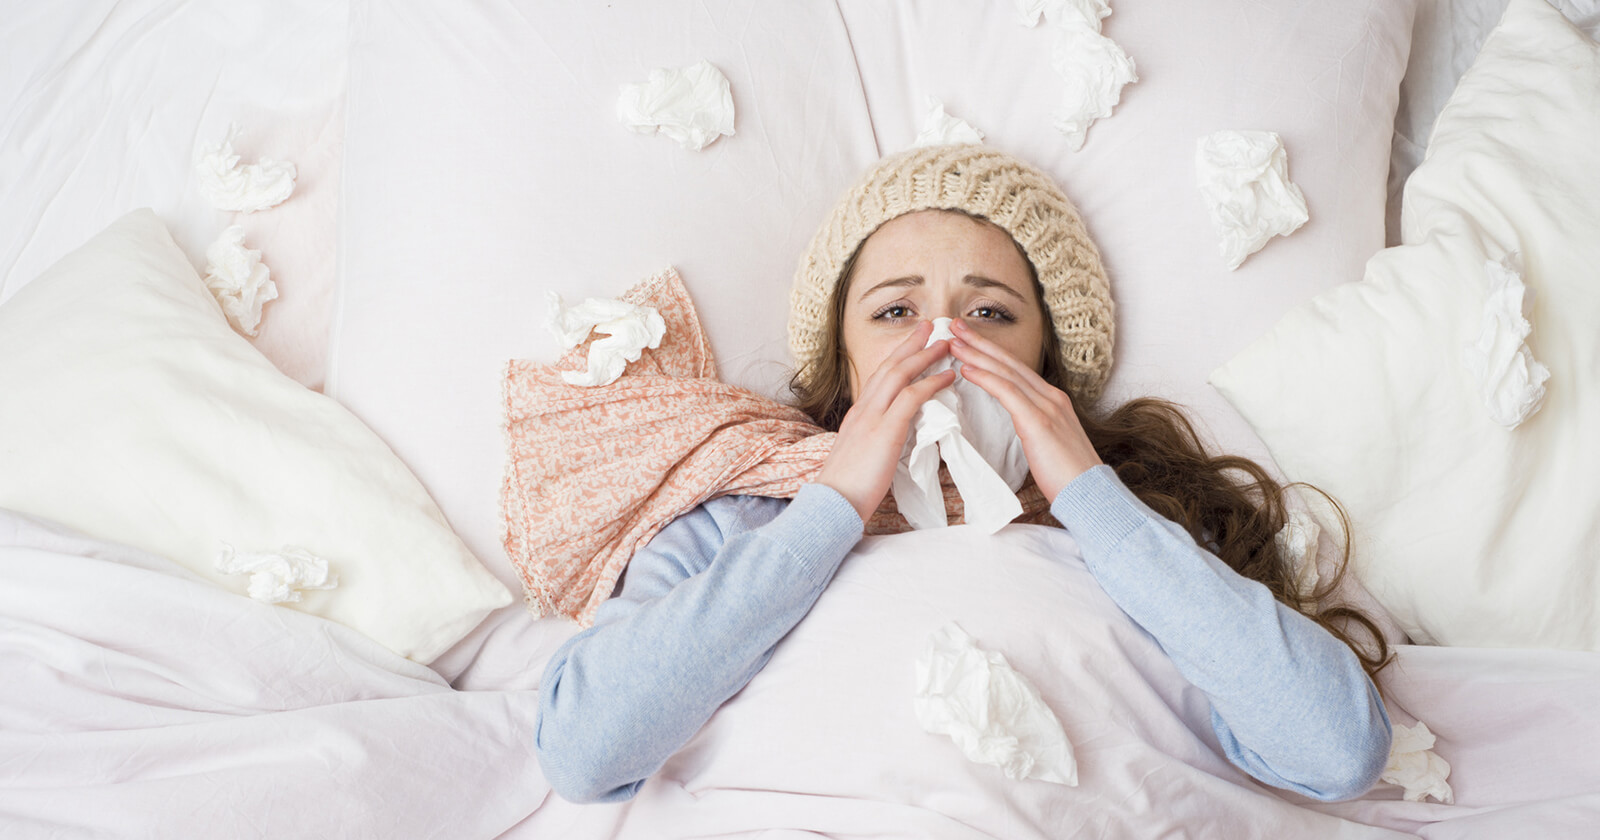 Frau mit Schnupfen putzt sich mit einem Taschentuch das Nasensekret aus der verstopften Nase.